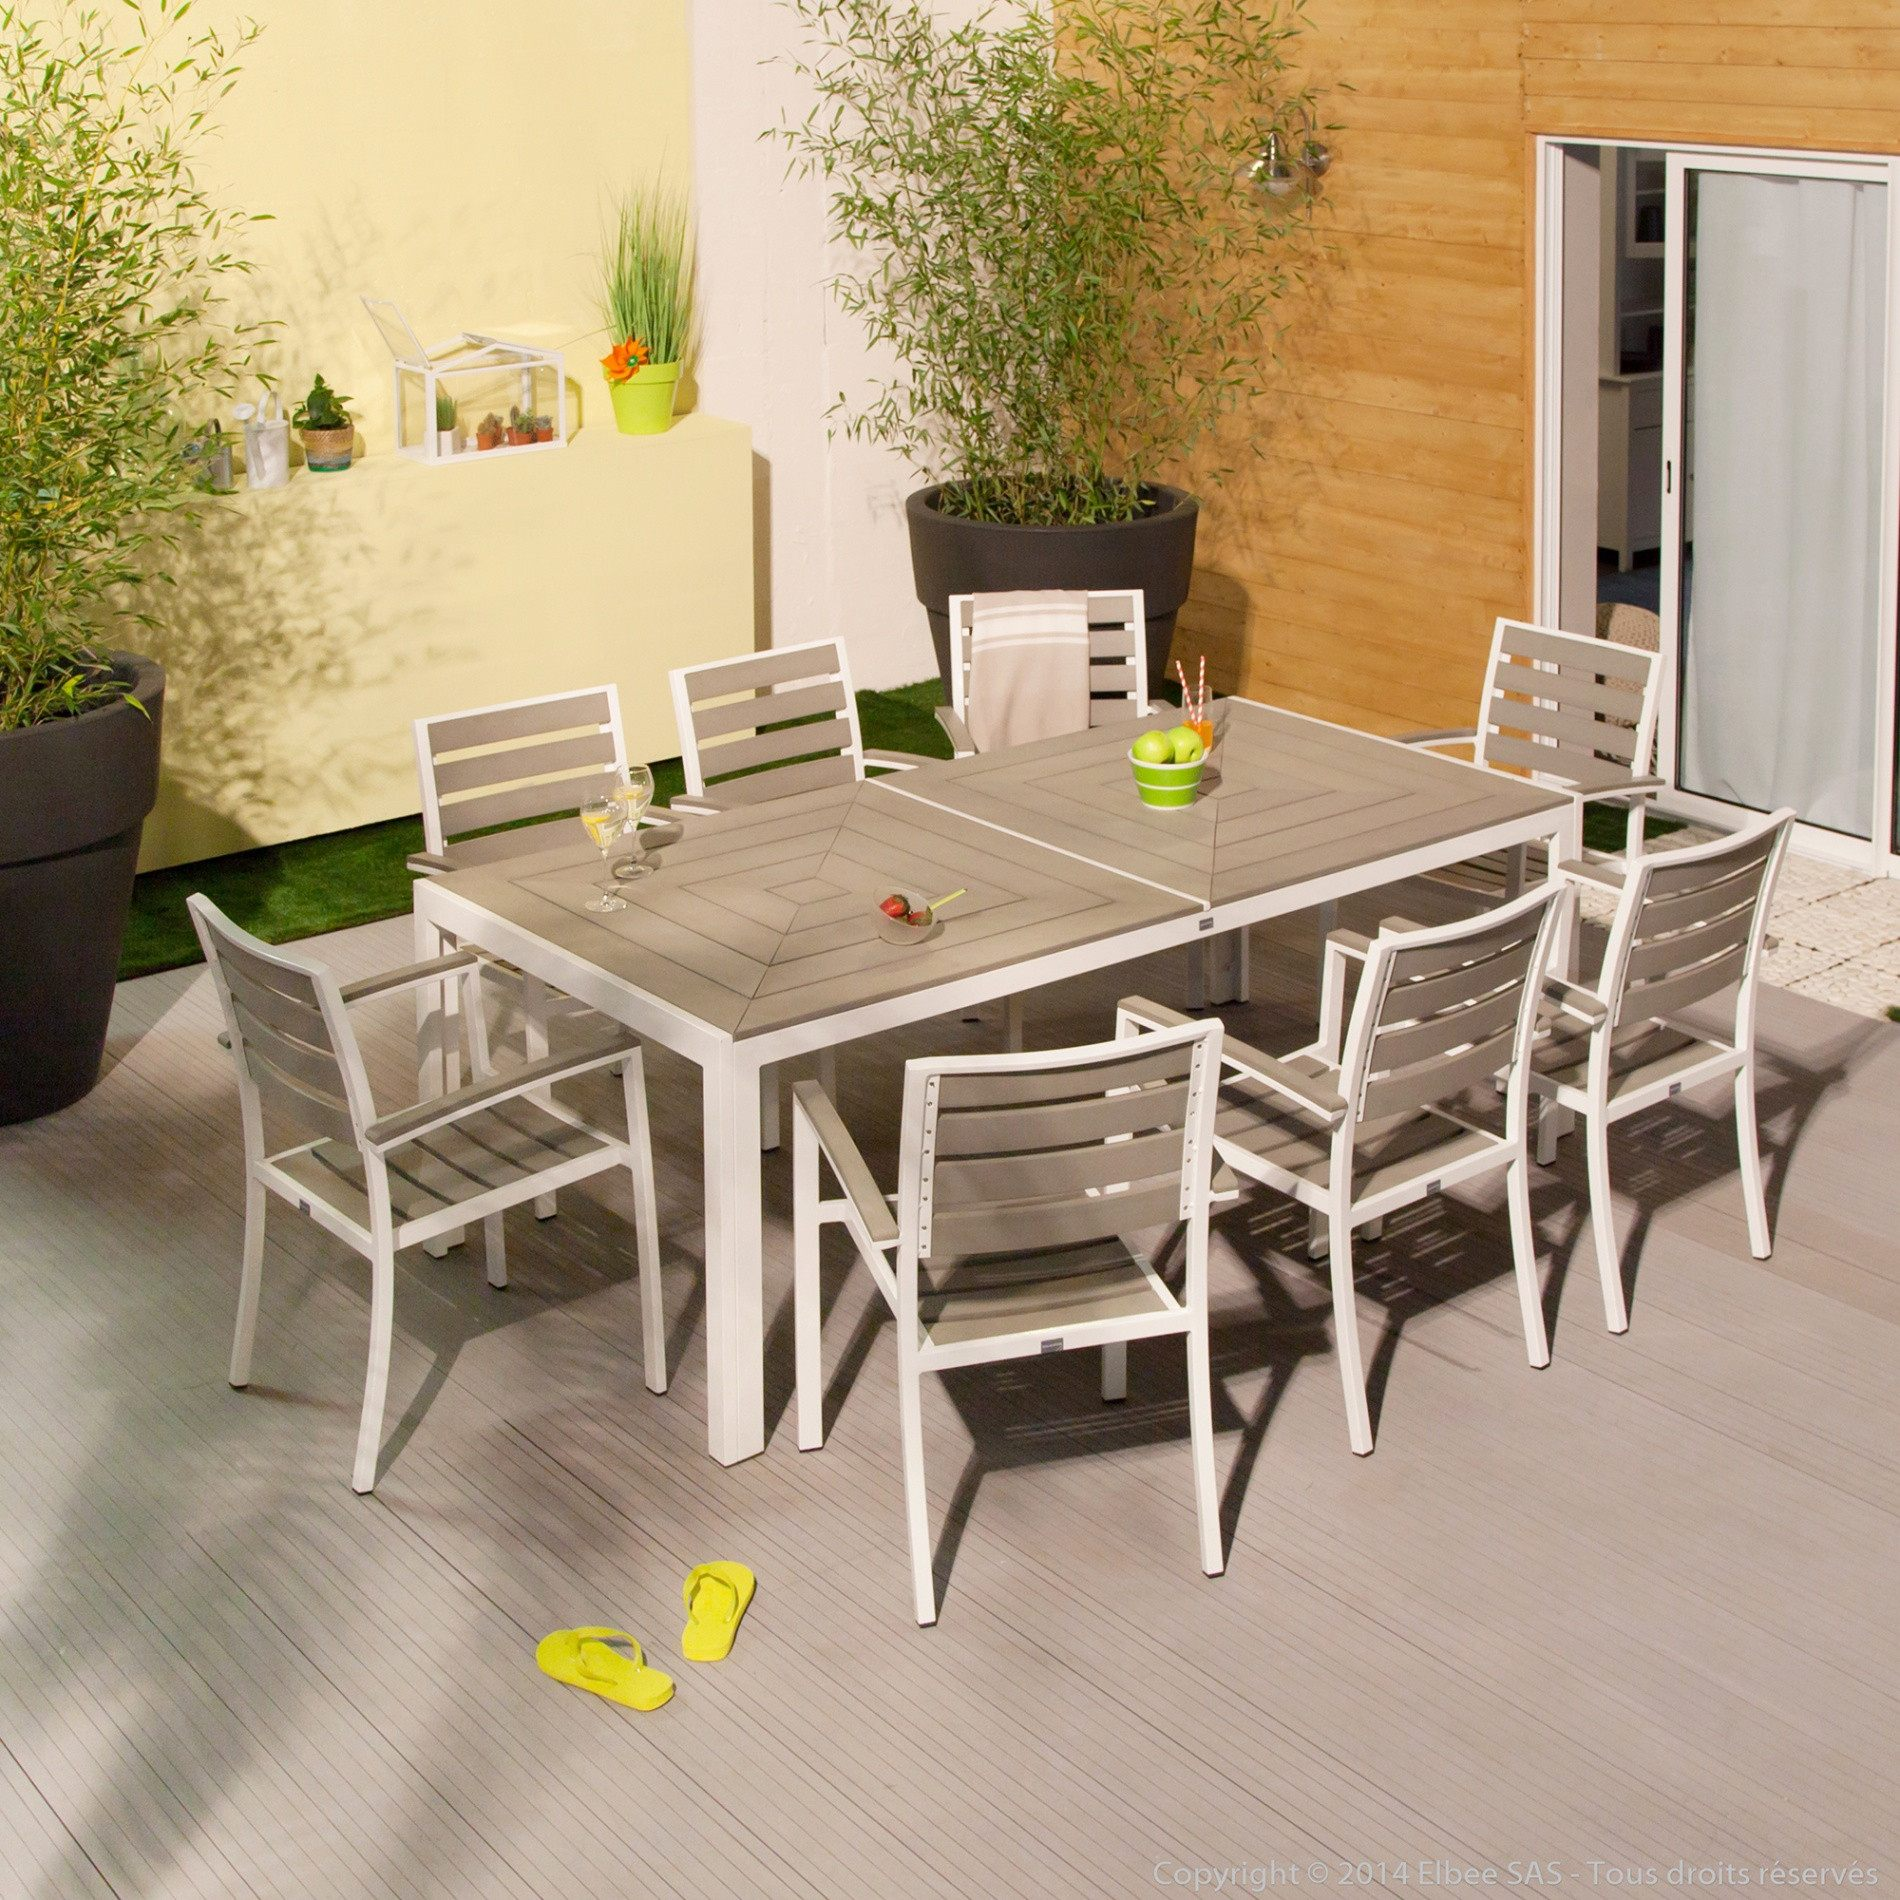 table de terrasse pas cher joli tableau salon design salon angle jardin belle table de jardin design de table de terrasse pas cher